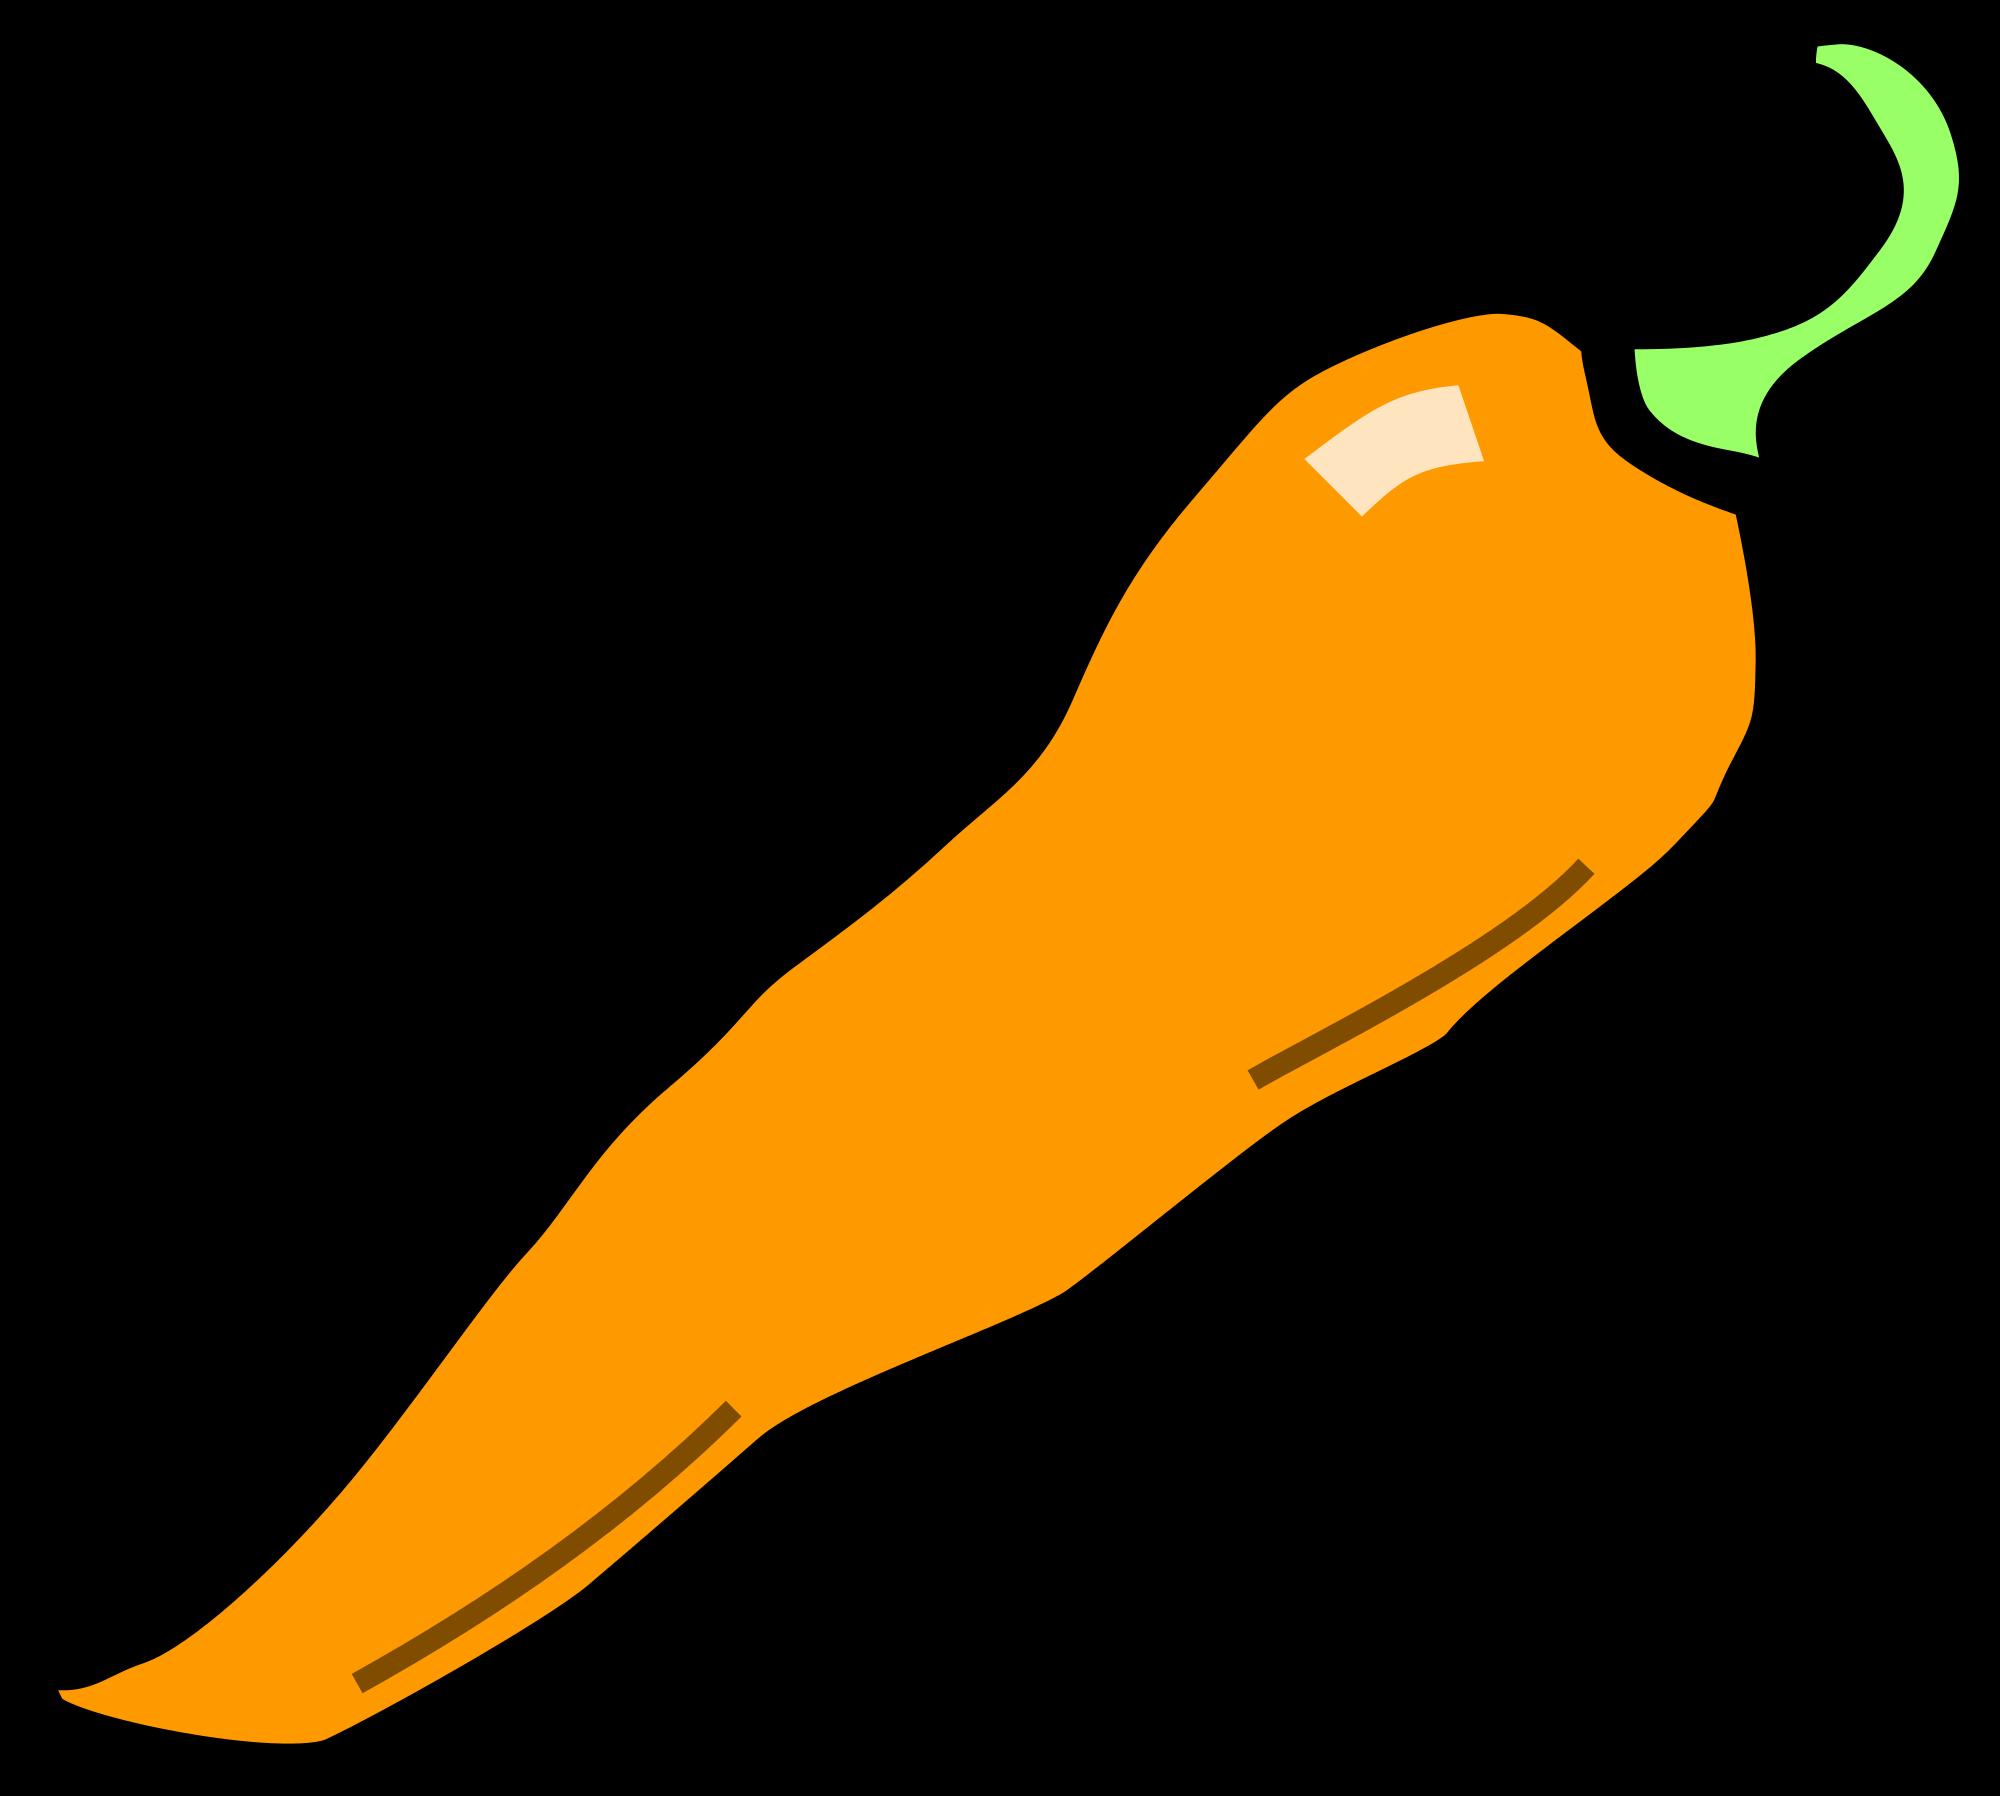 2000x1796 Orange Clipart Chilli